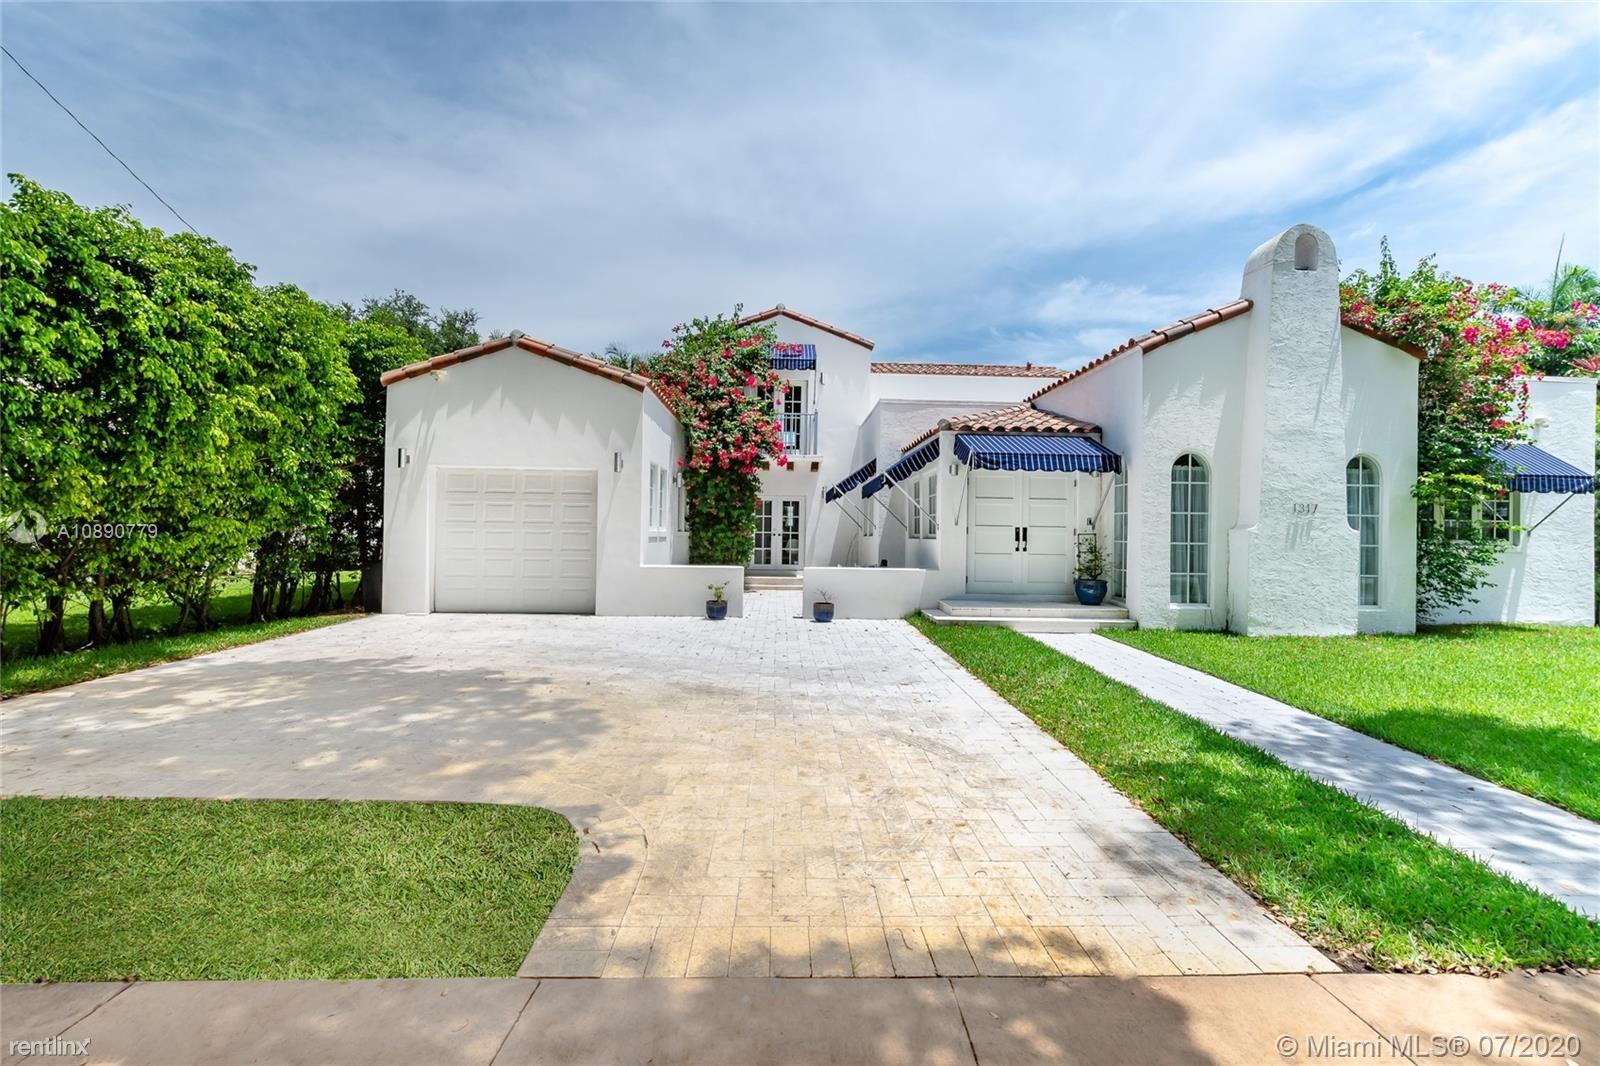 1317 Obispo Ave, Coral Gables, FL - $11,950